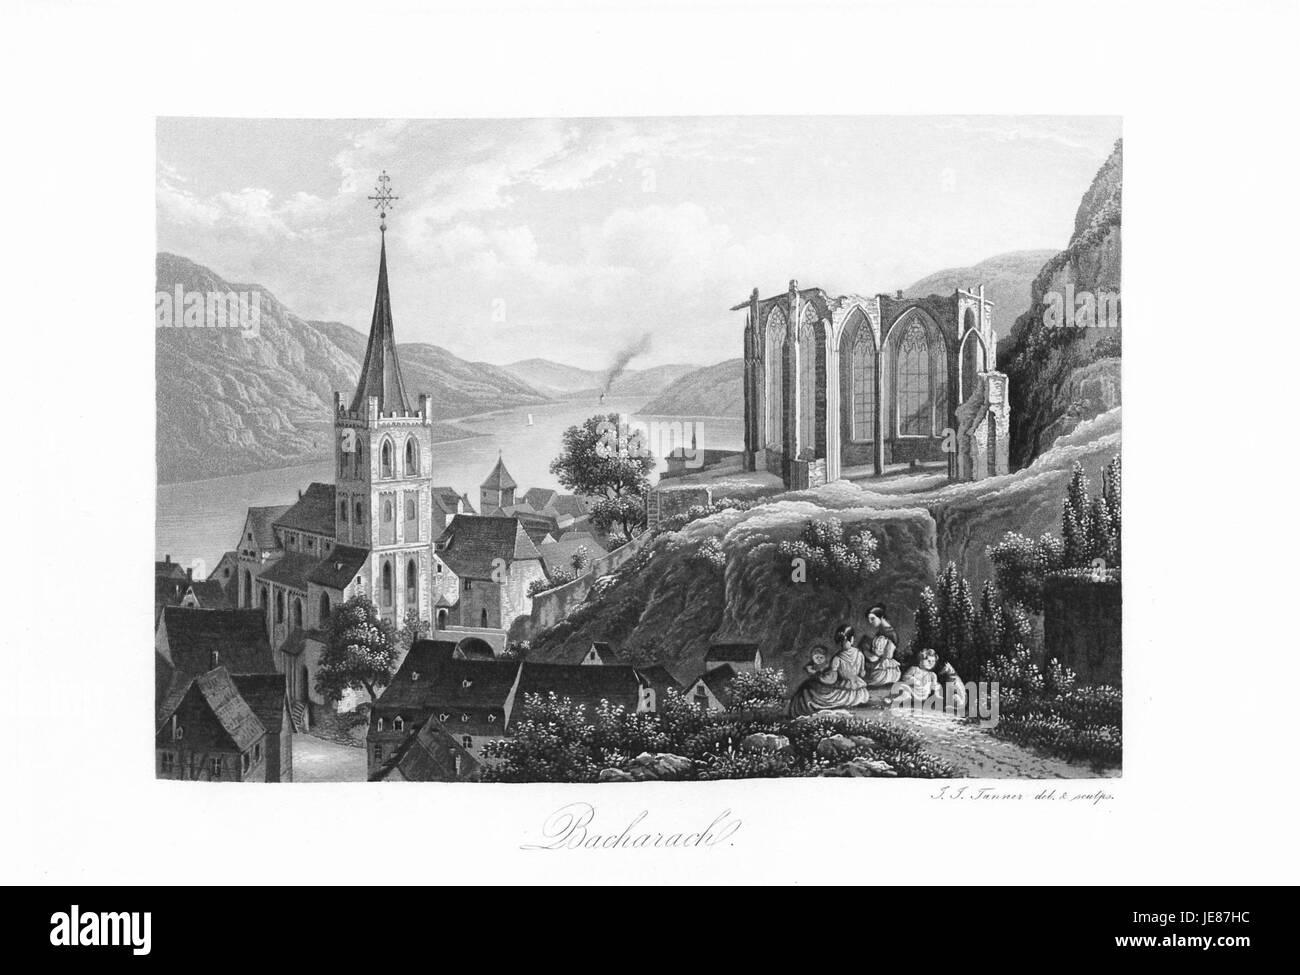 Andenken an den Rhein (1840) 009 - Stock Image